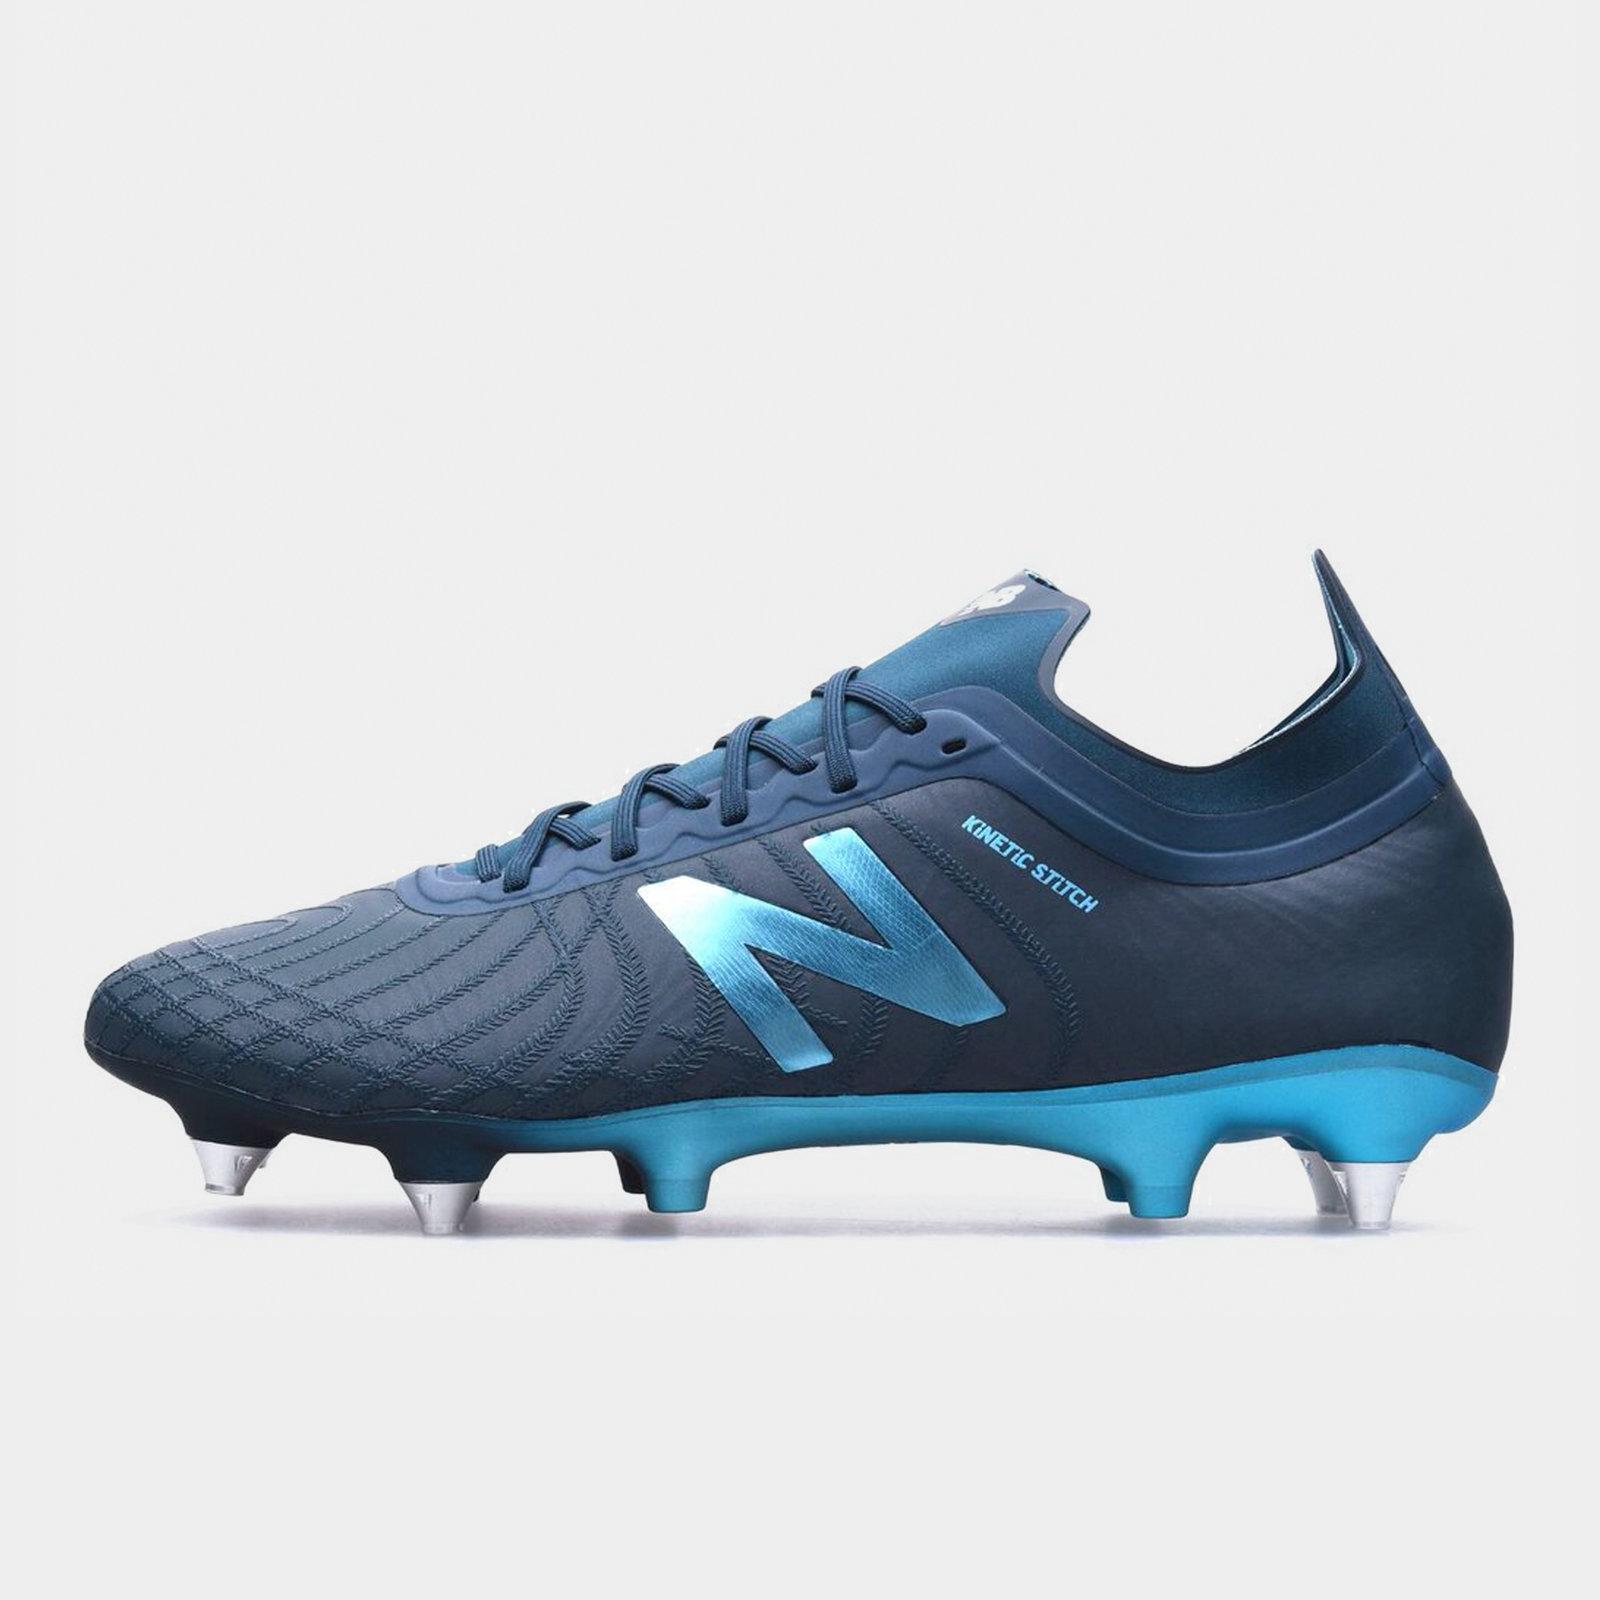 Tekala V2 Pro Mens SG Football Boots